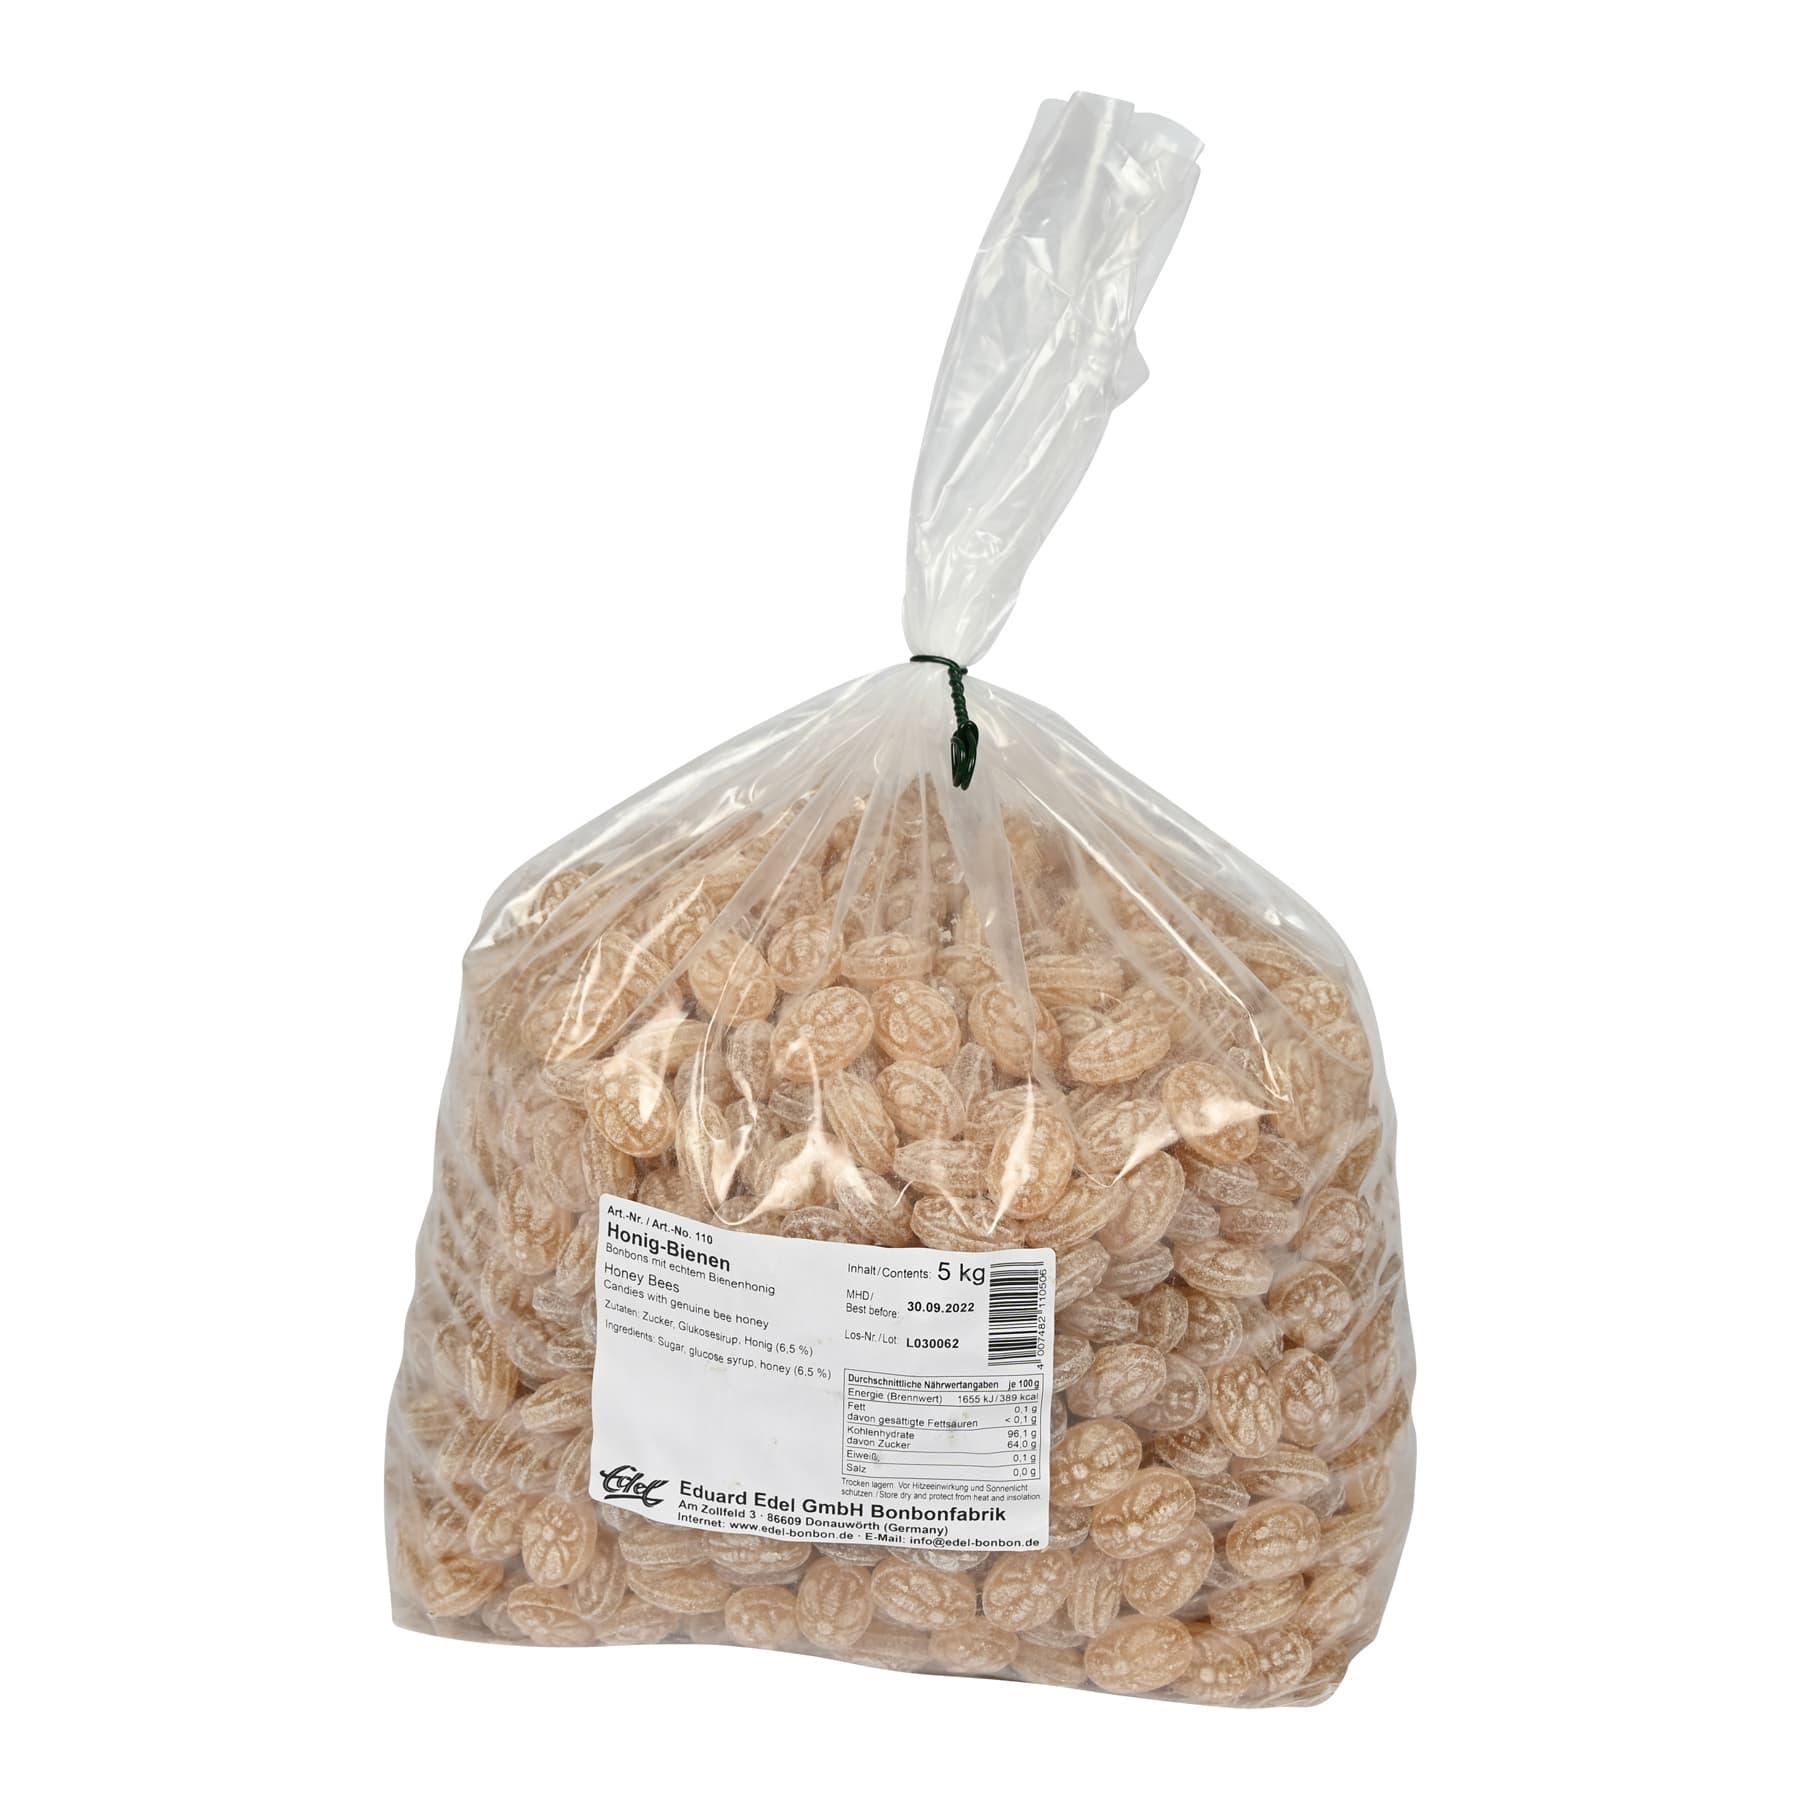 Honigbonbon ungefüllt mit Biene, im 5 kg Beutel